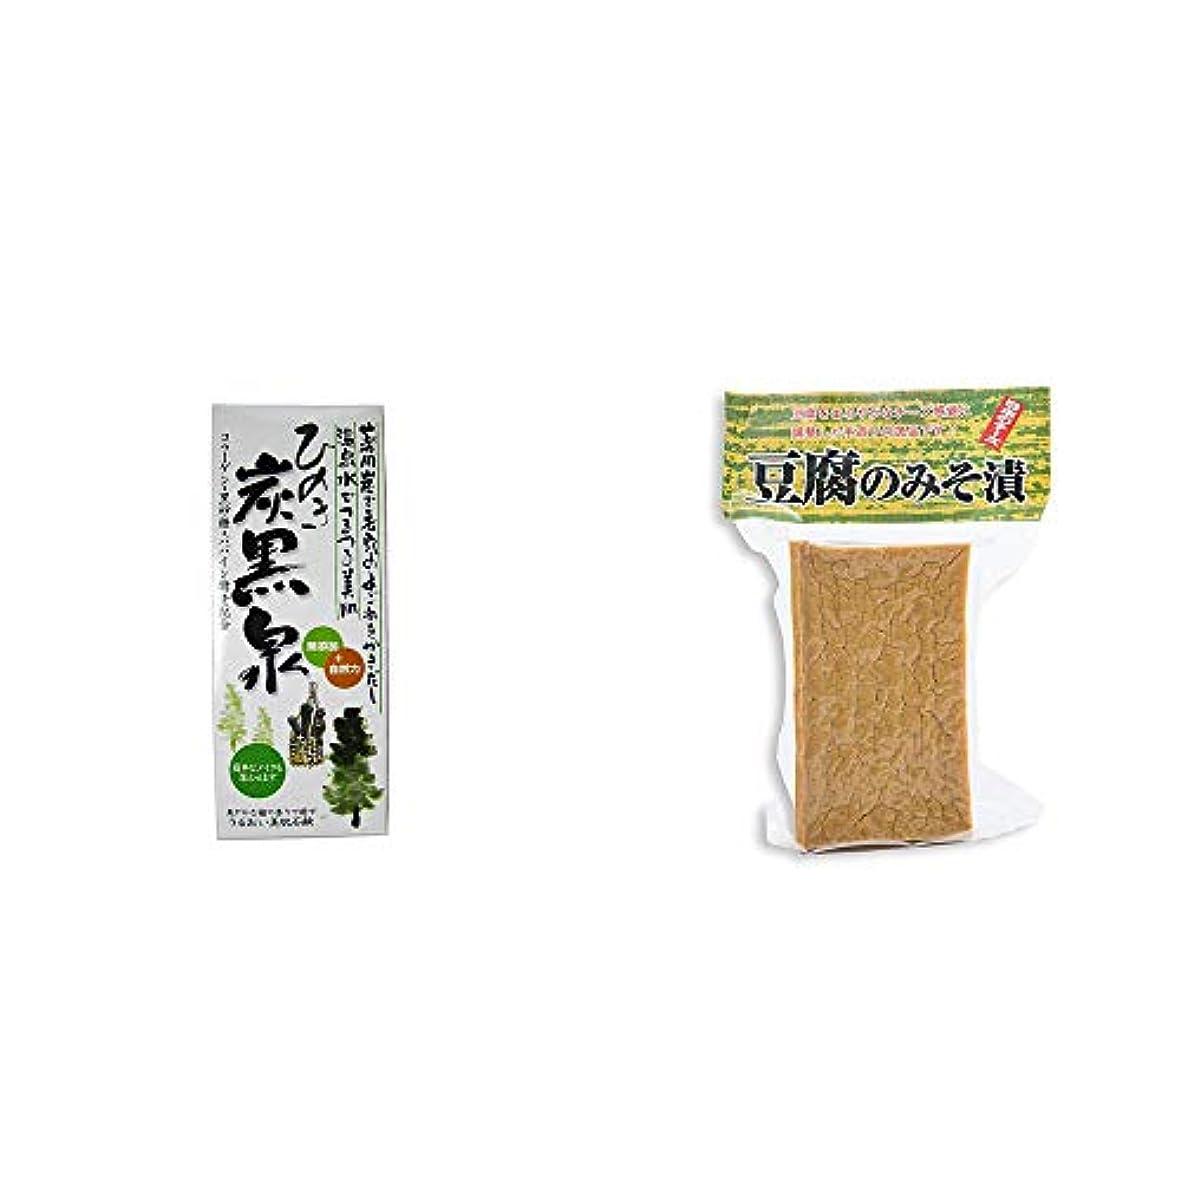 メリー所得混乱させる[2点セット] ひのき炭黒泉 箱入り(75g×3)?日本のチーズ 豆腐のみそ漬(1個入)